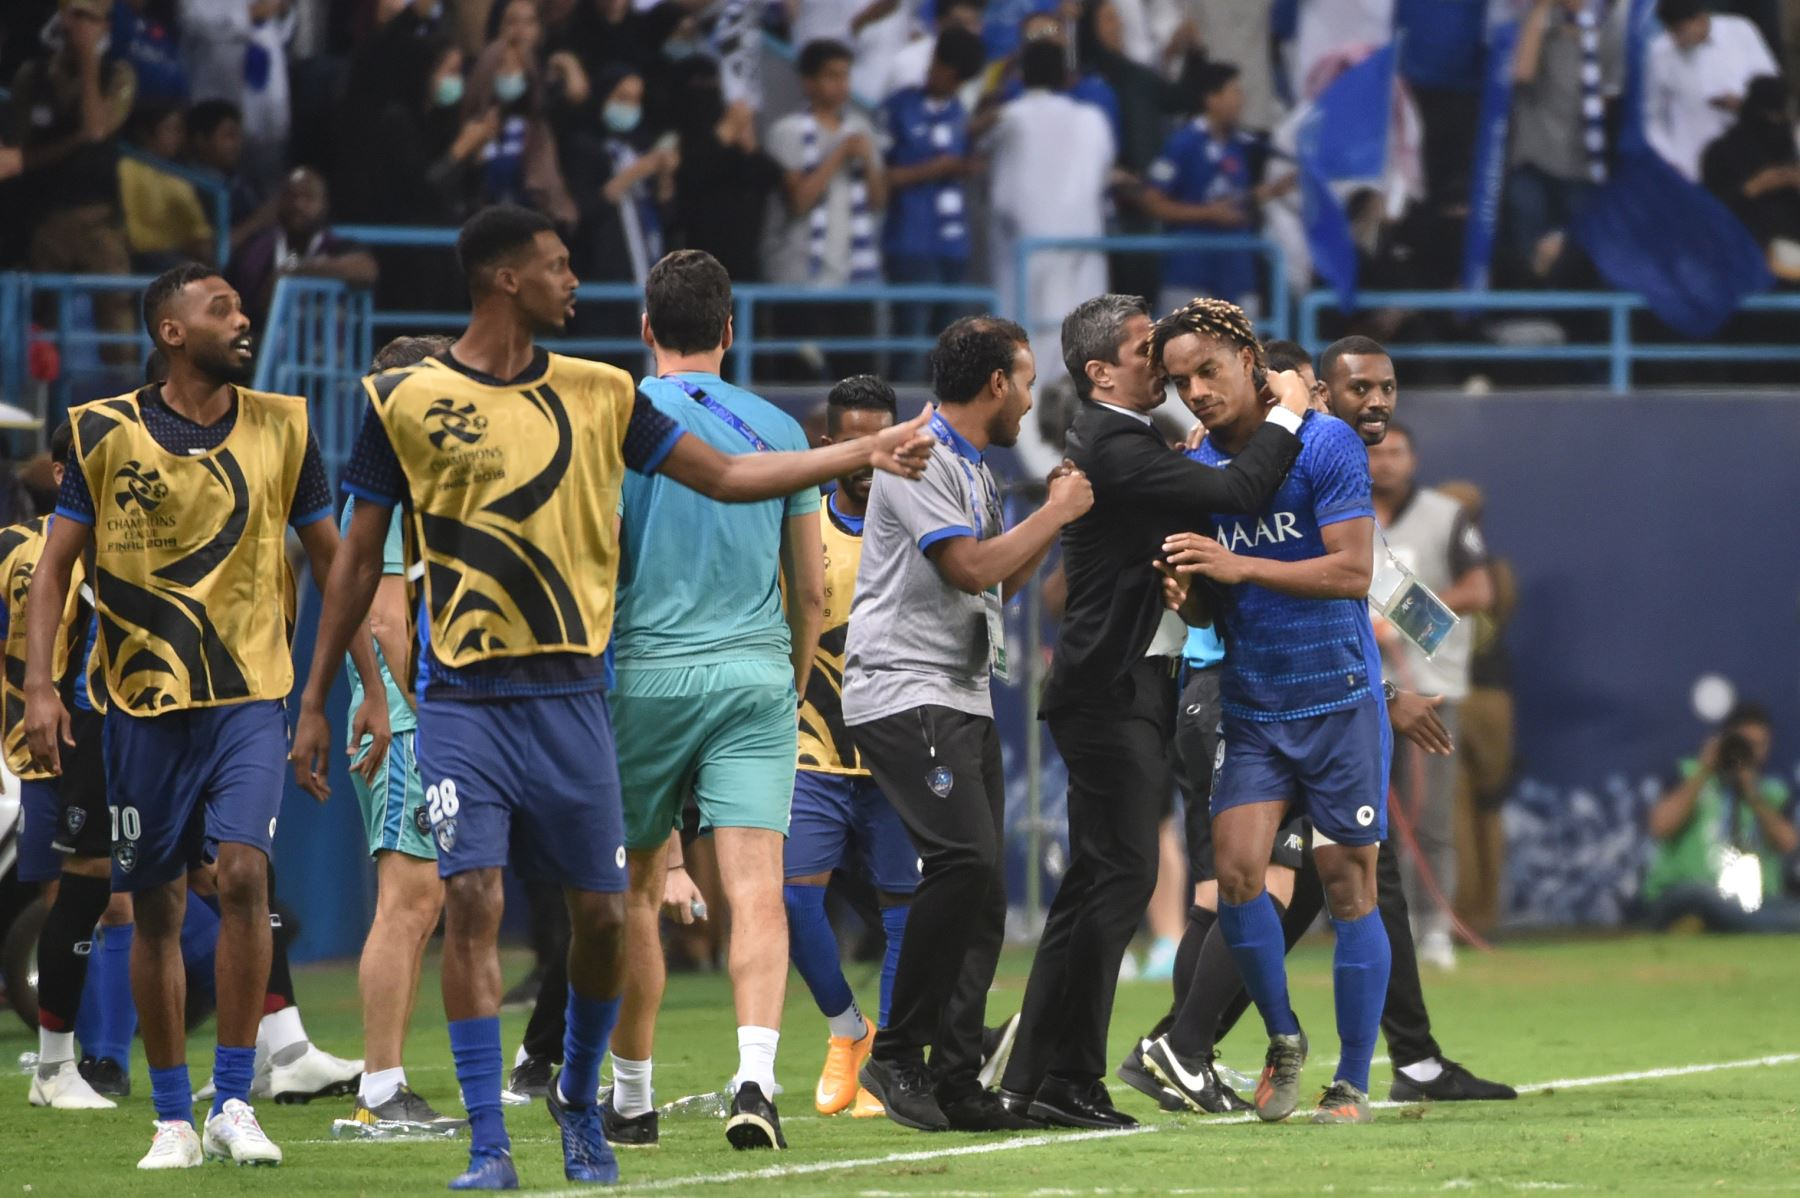 El centrocampista de Hilal Andre Carrillo (R) celebra su gol durante el partido de ida de la final de la Liga de Campeones de la AFC entre Al-Hilal de Arabia Saudita y Urawa Red Diamonds de Japón. Foto: AFP